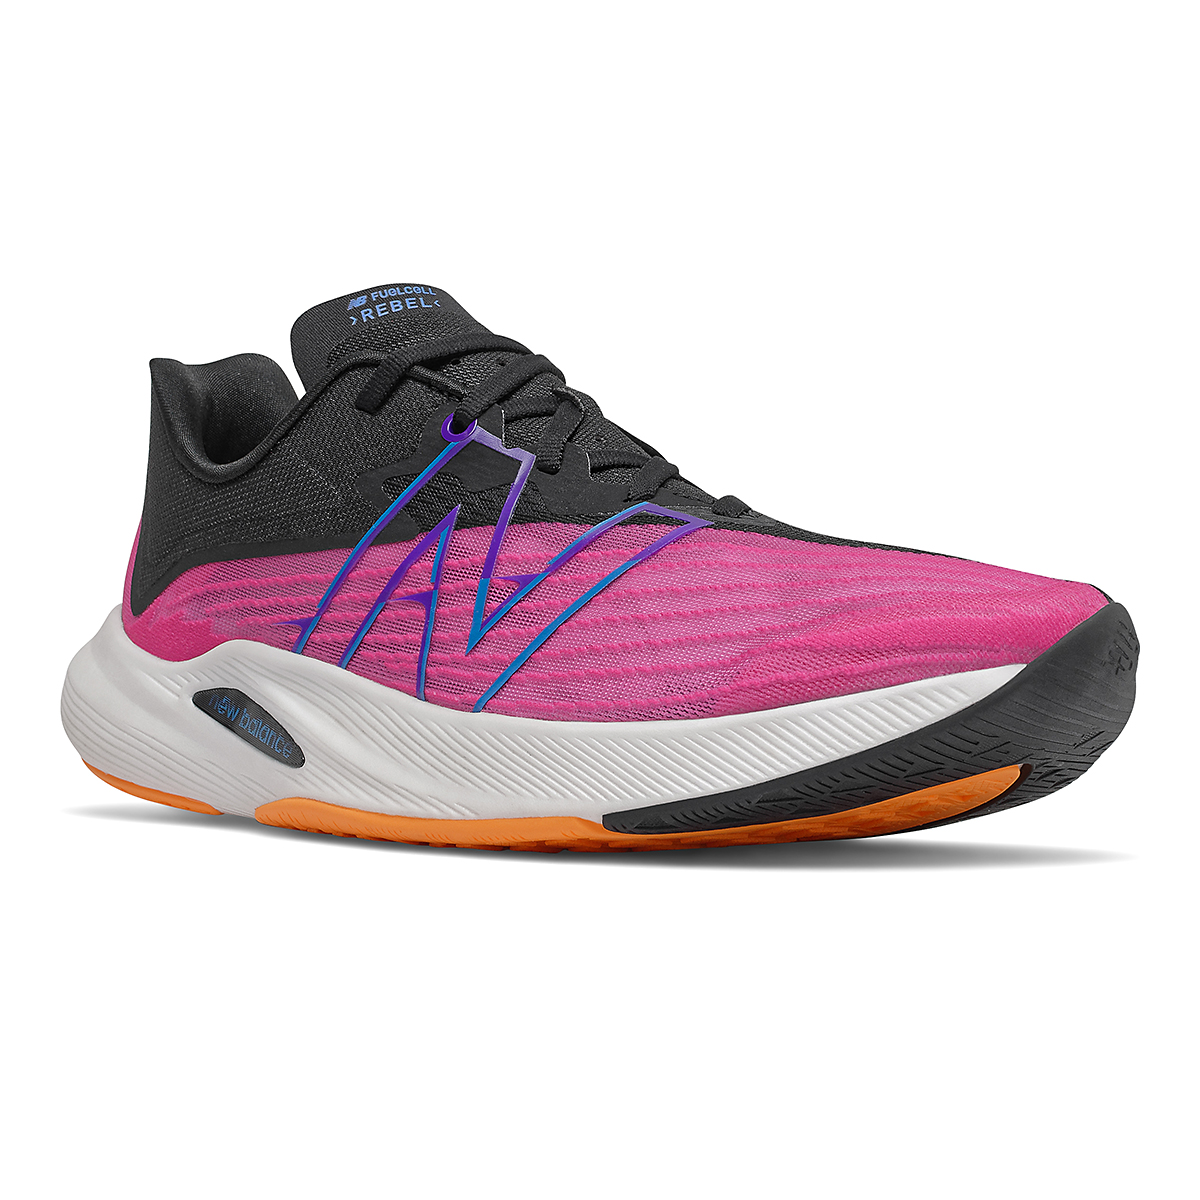 Men's New Balance Fuelcell Rebel V2 Running Shoe - Color: Pink Glo/Black - Size: 6 - Width: Wide, Pink Glo/Black, large, image 2